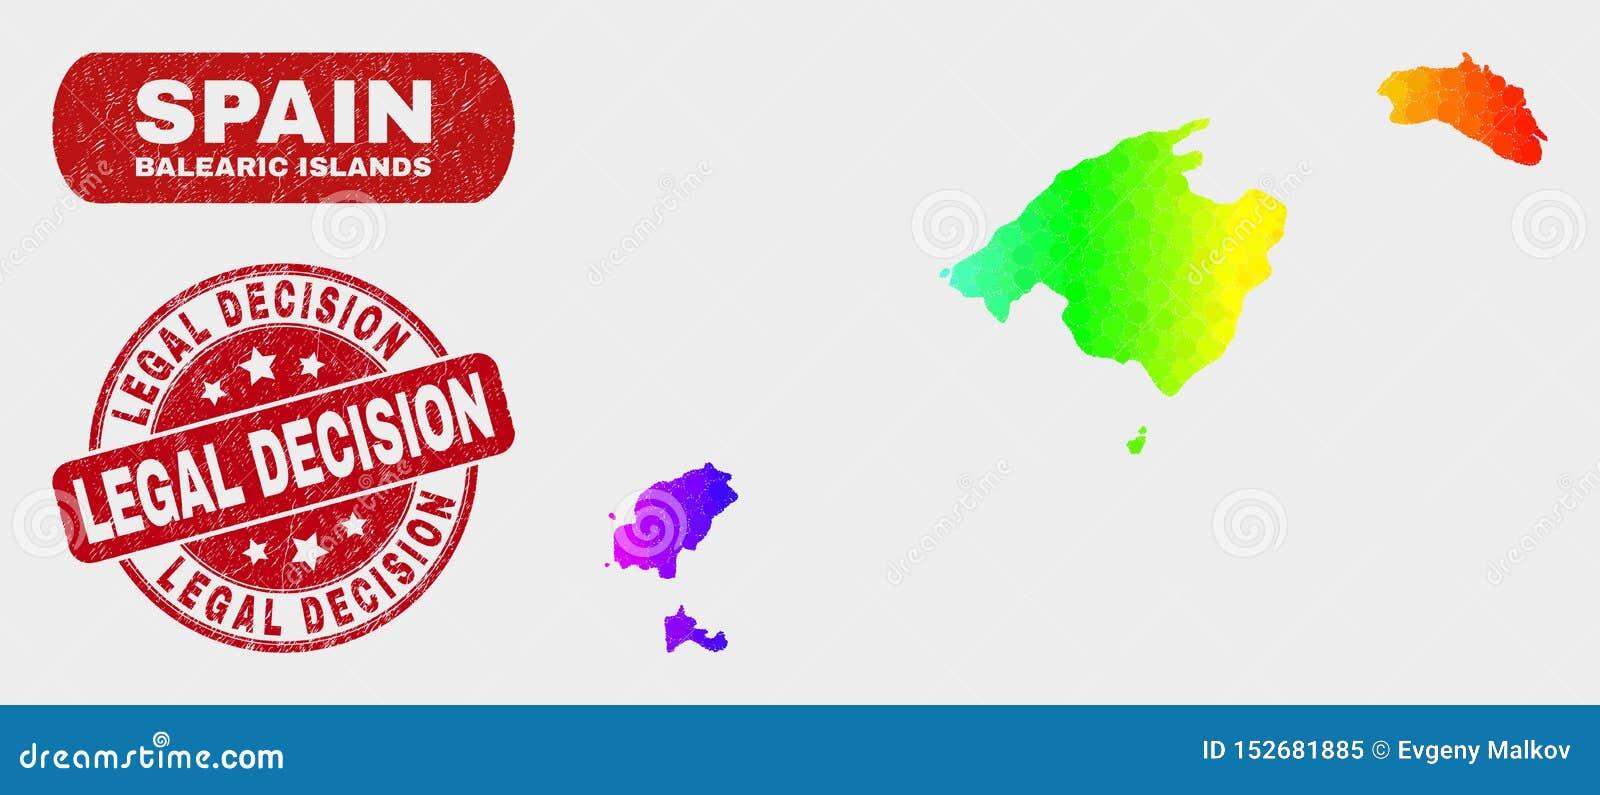 Le Isole Baleari colorate del mosaico tracciano ed affliggono la guarnizione del bollo di decisione legale